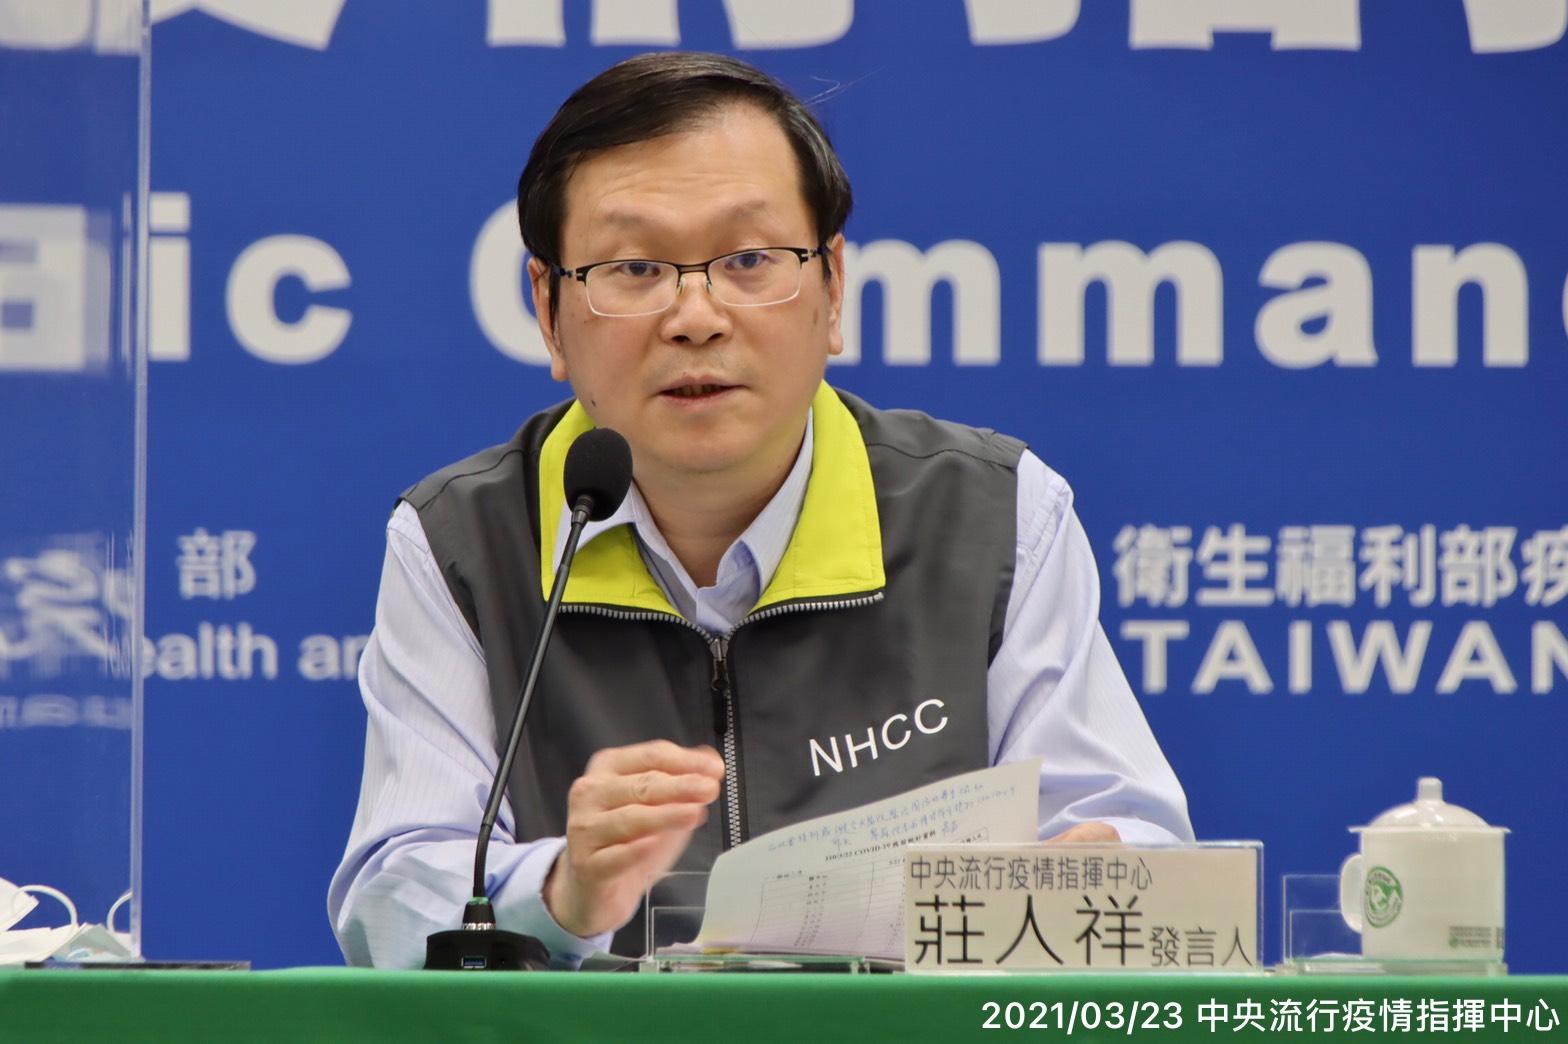 台灣中央流行疫情指揮中心發言人莊人祥資料照。(中央流行疫情指揮中心提供)